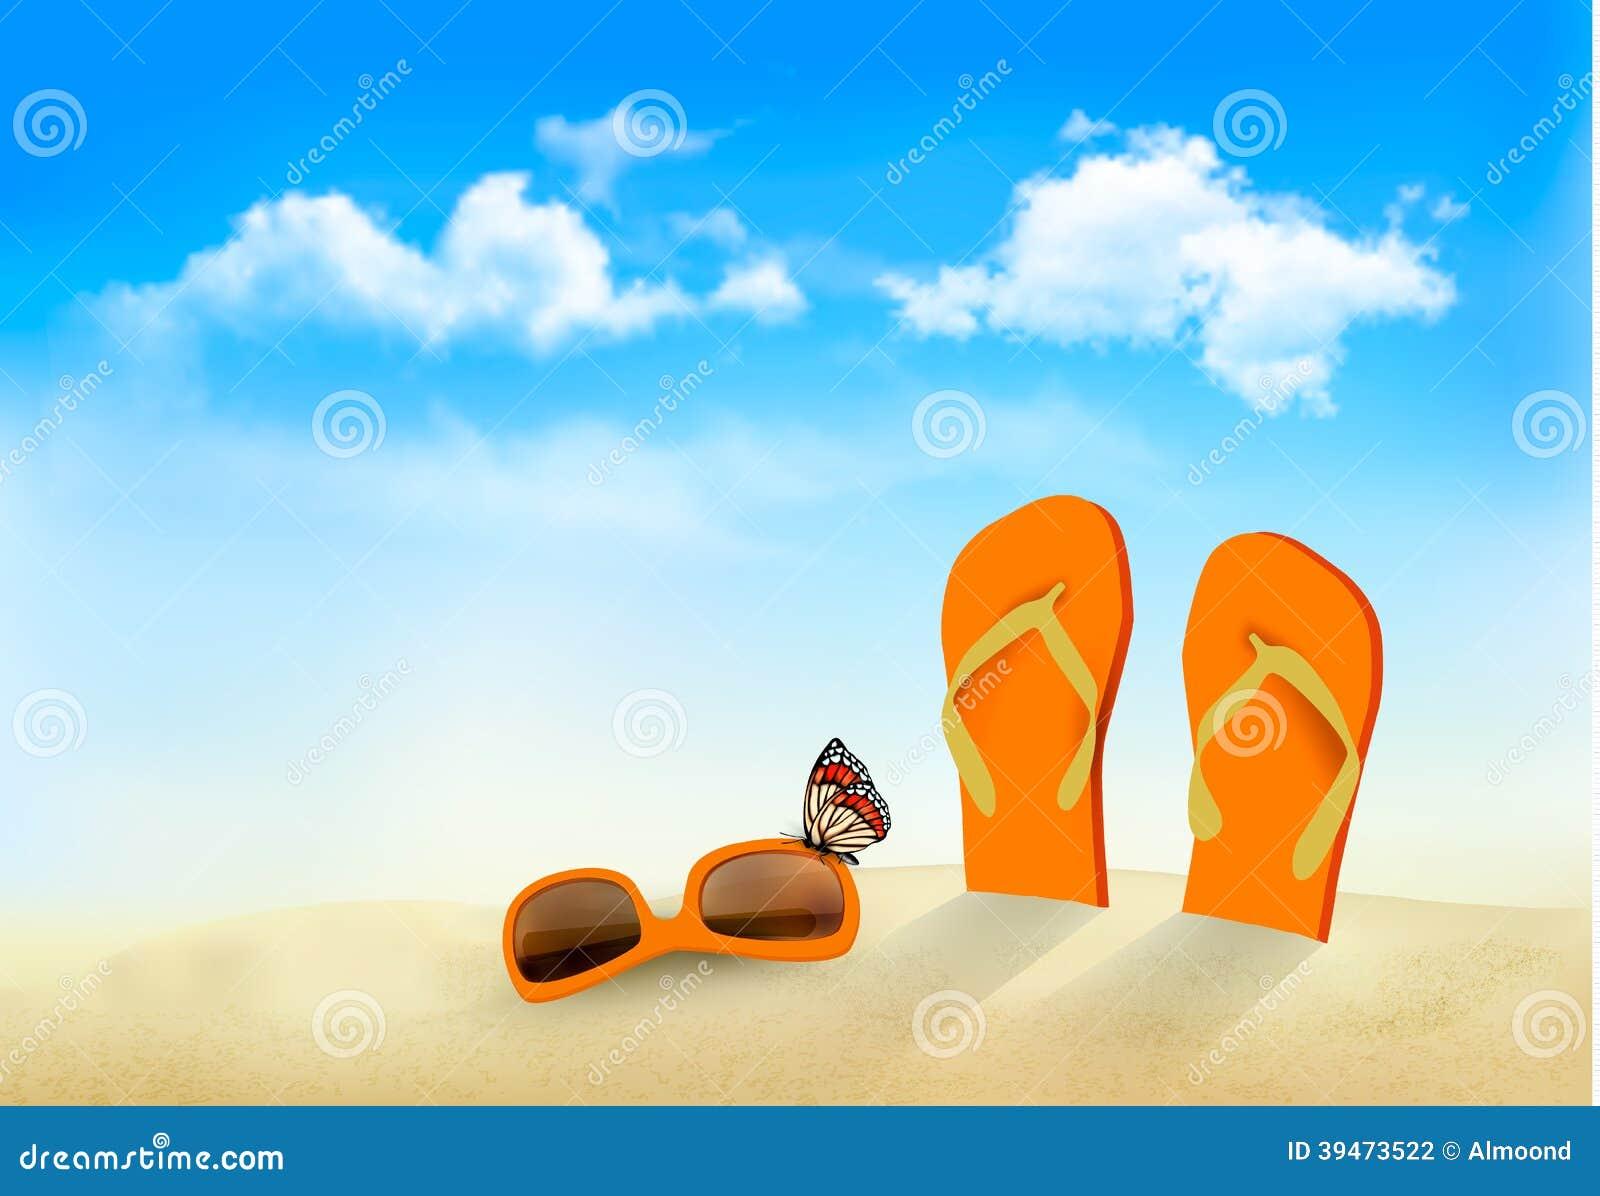 触发器,太阳镜和一只蝴蝶在海滩.夏天记忆背景.传染媒介.图片